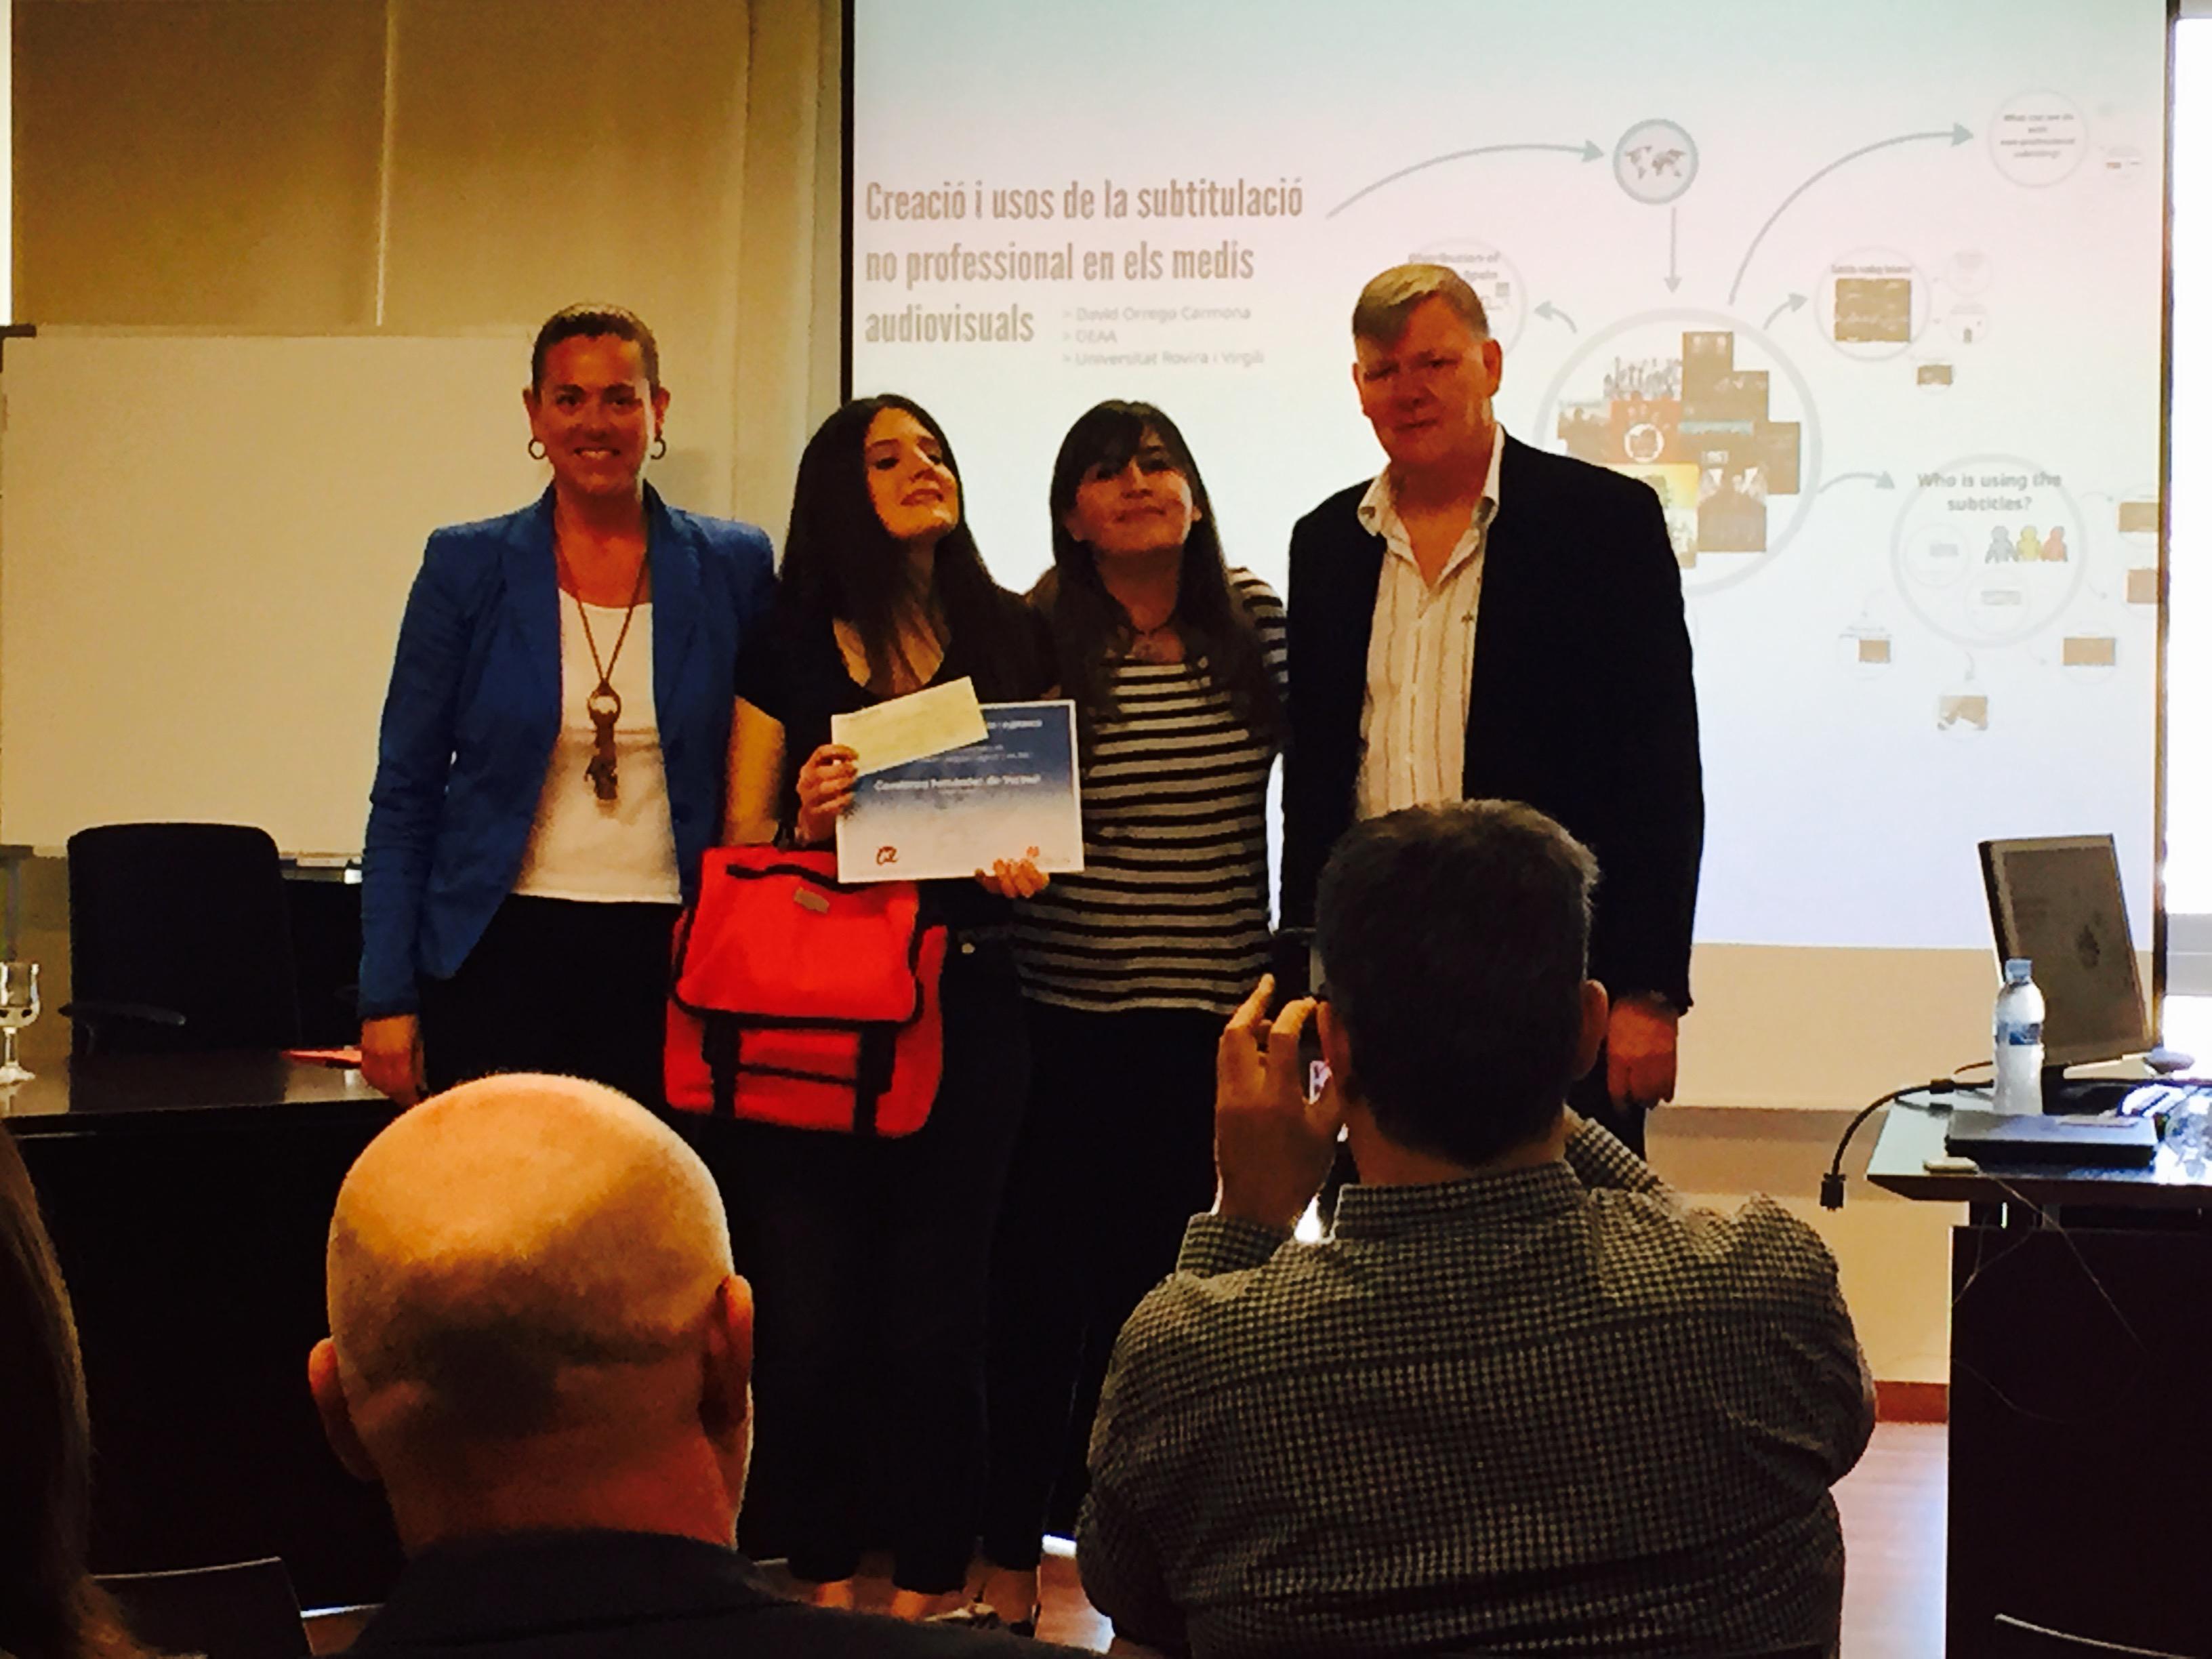 La guanyadora, Constanza B. Fernández, mostra el primer premi